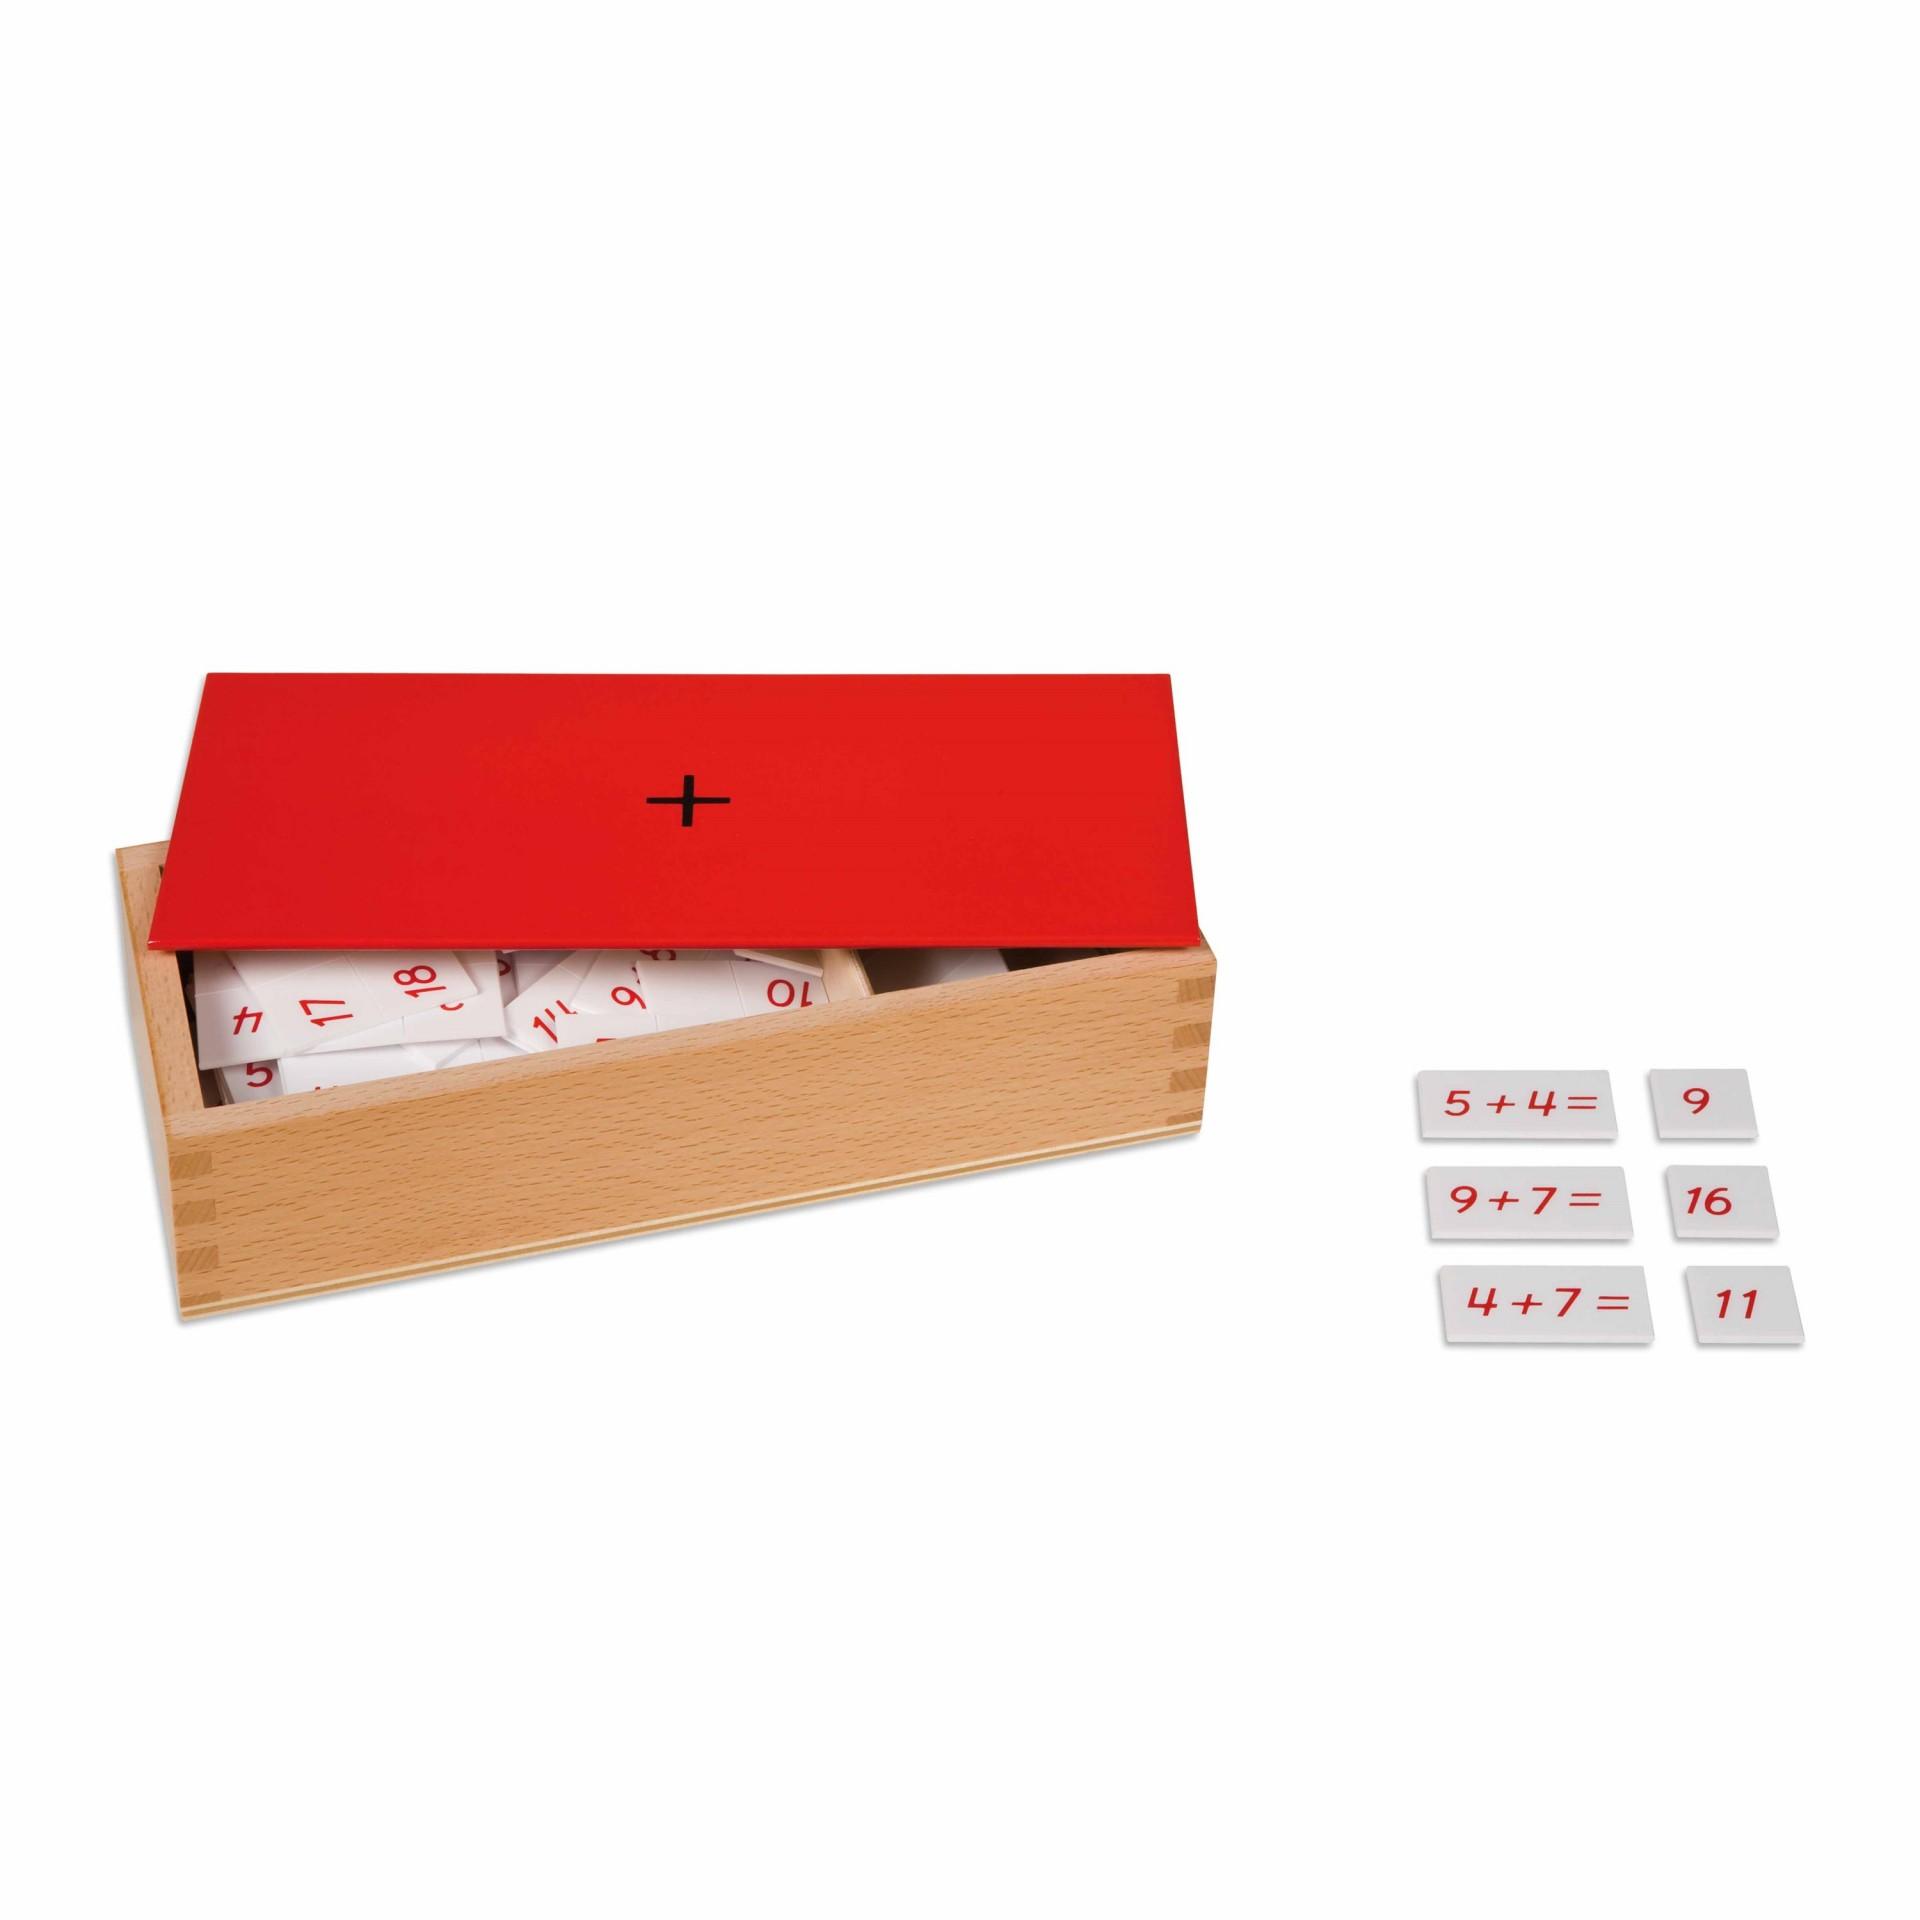 Caixa de Equações, Adições e Somas - Nienhuis Montessori